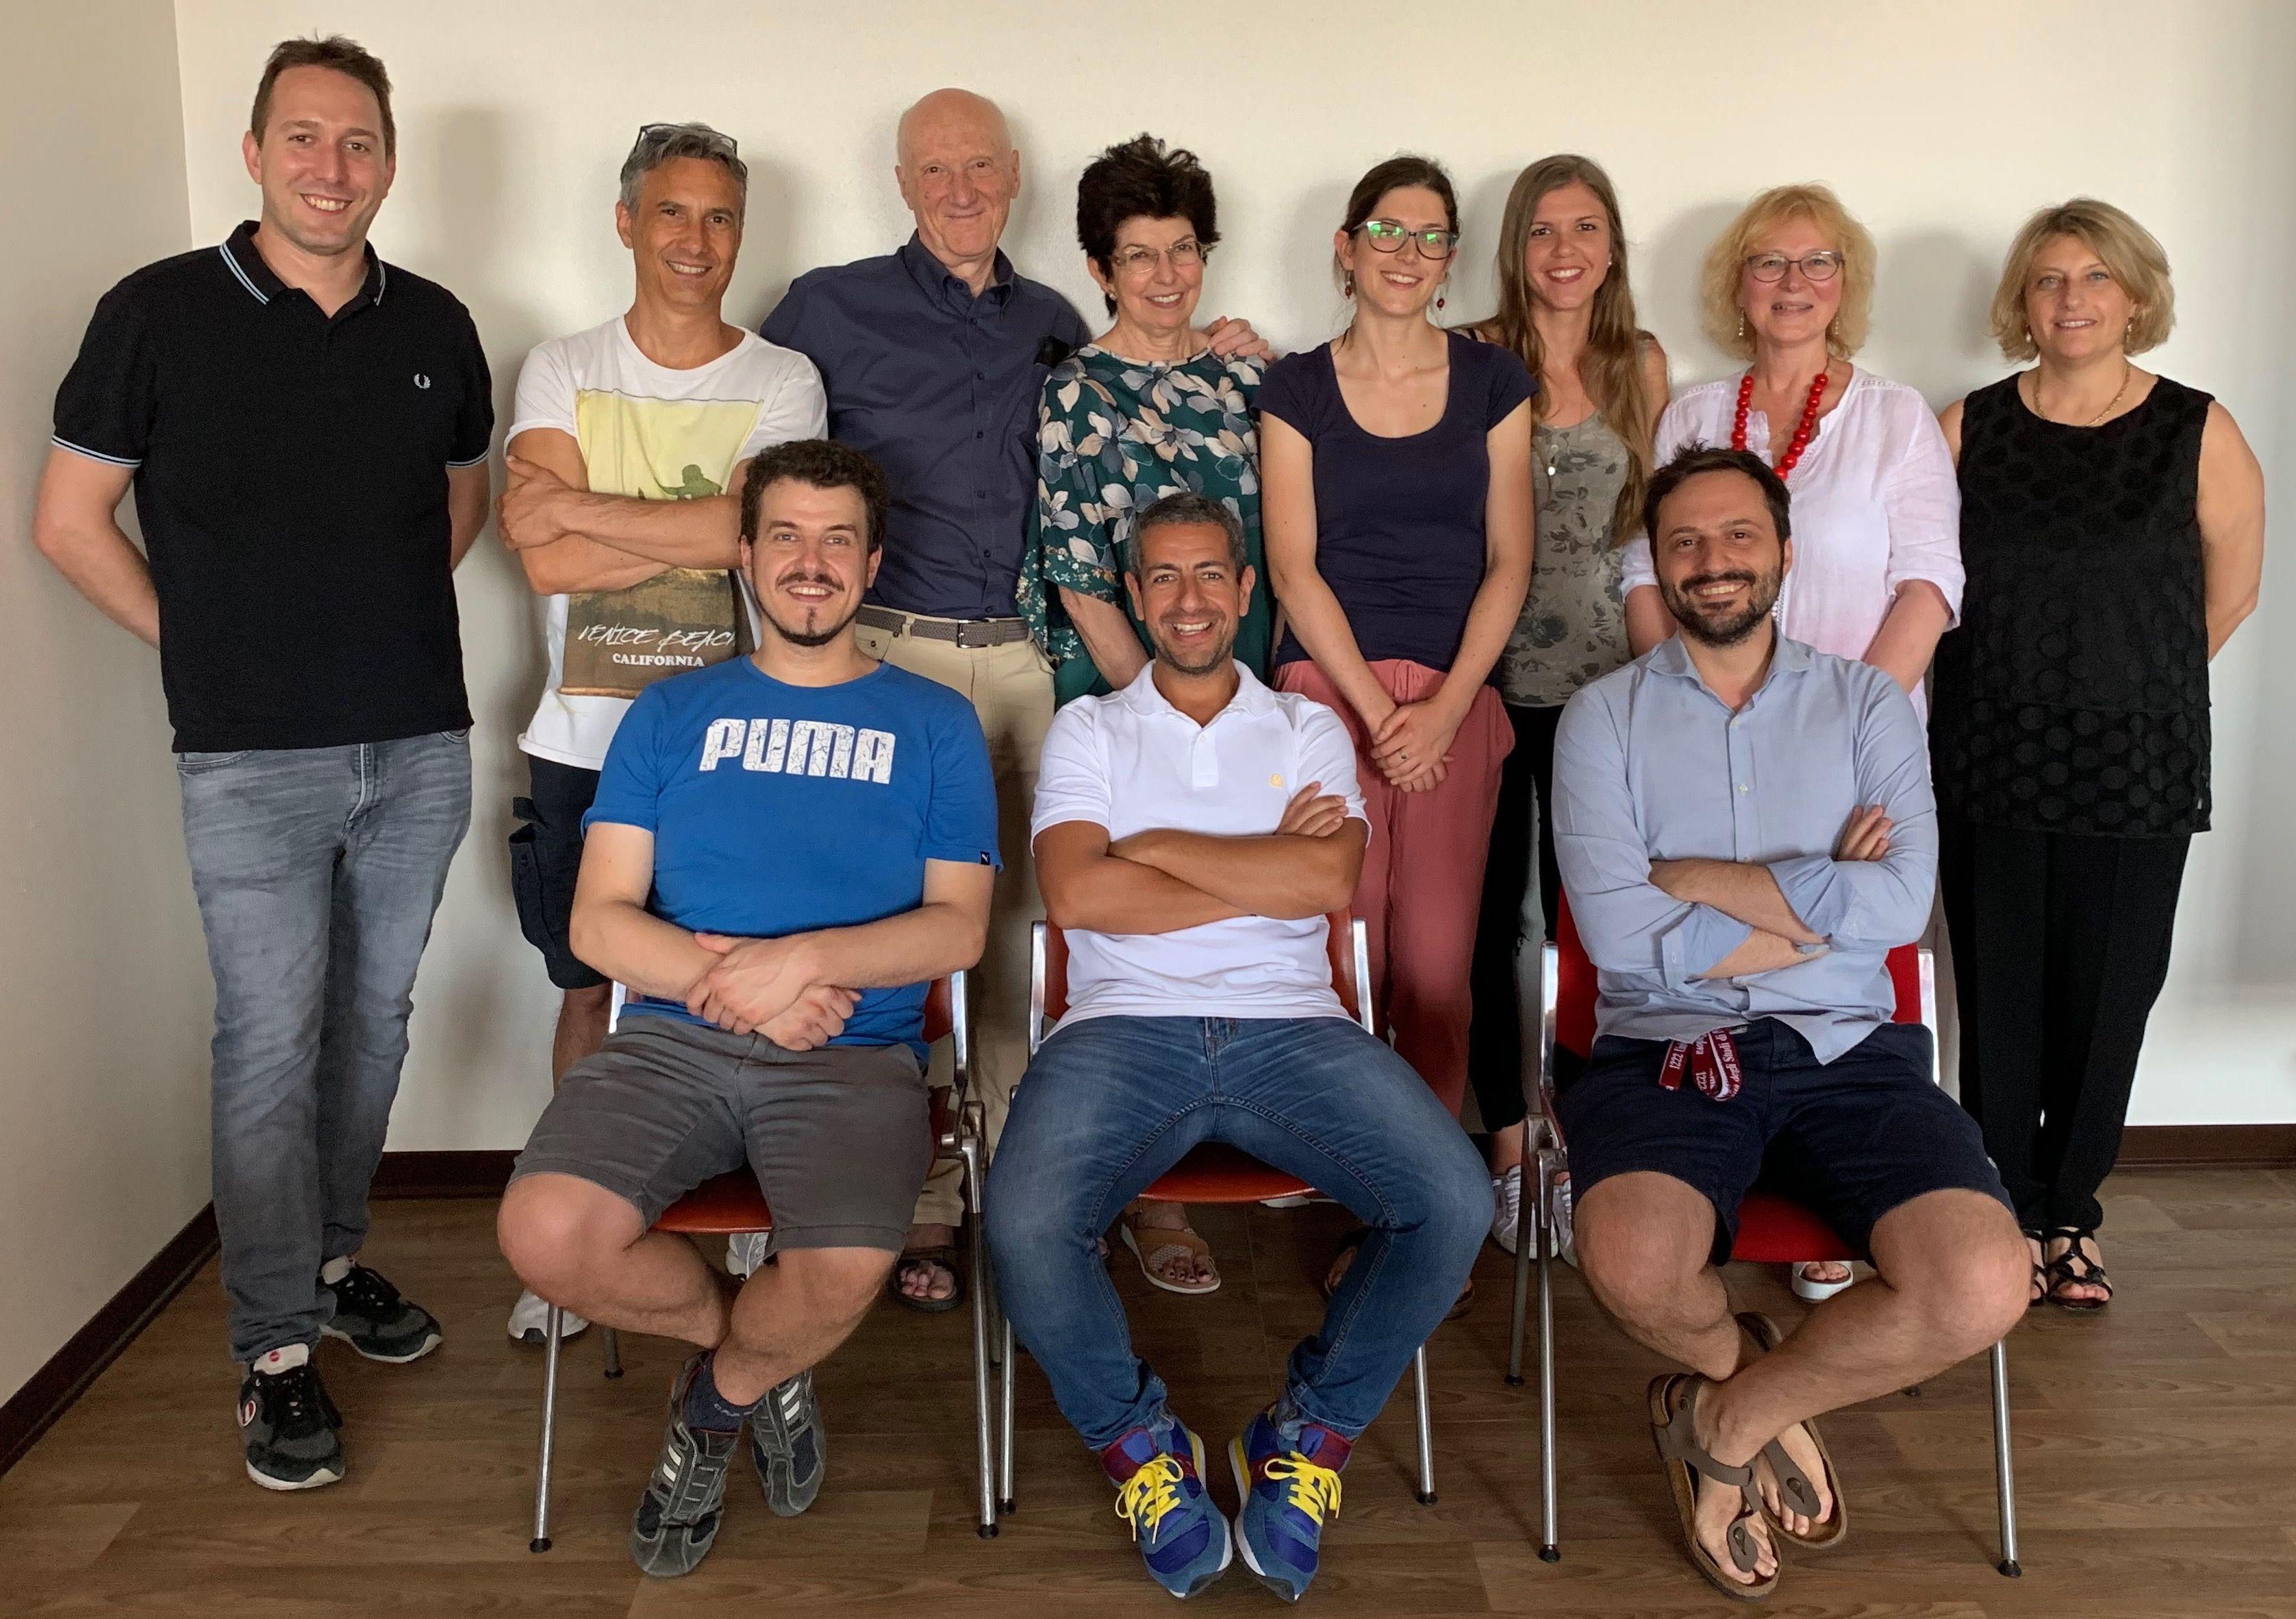 Il gruppo di ricercatori dell'università di Padova